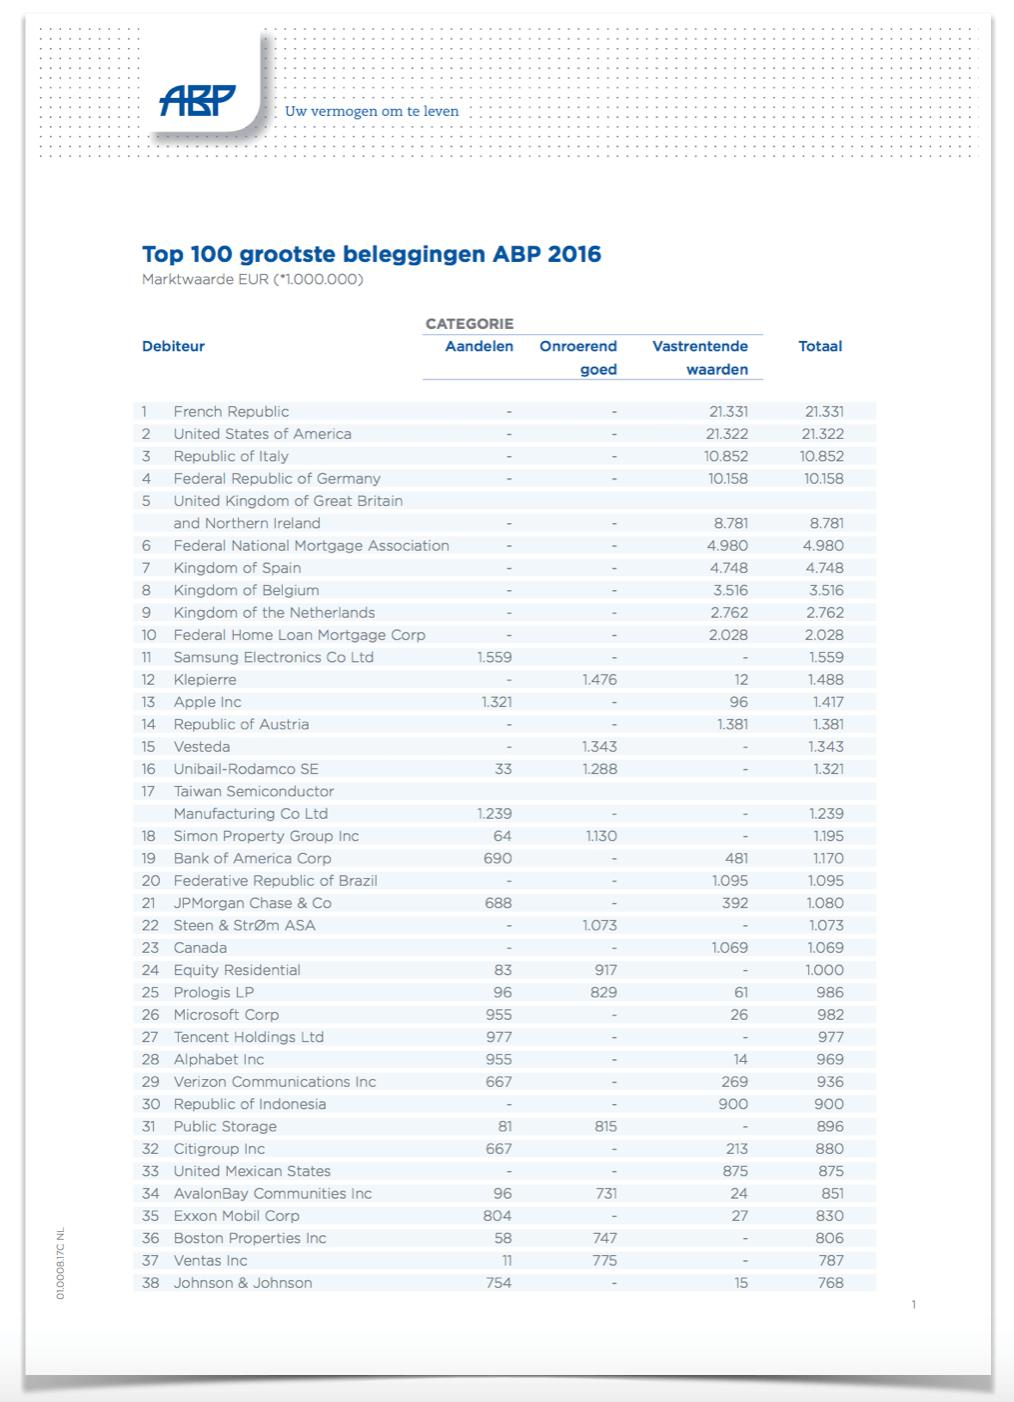 Top 100 Grootste Beleggingen ABP